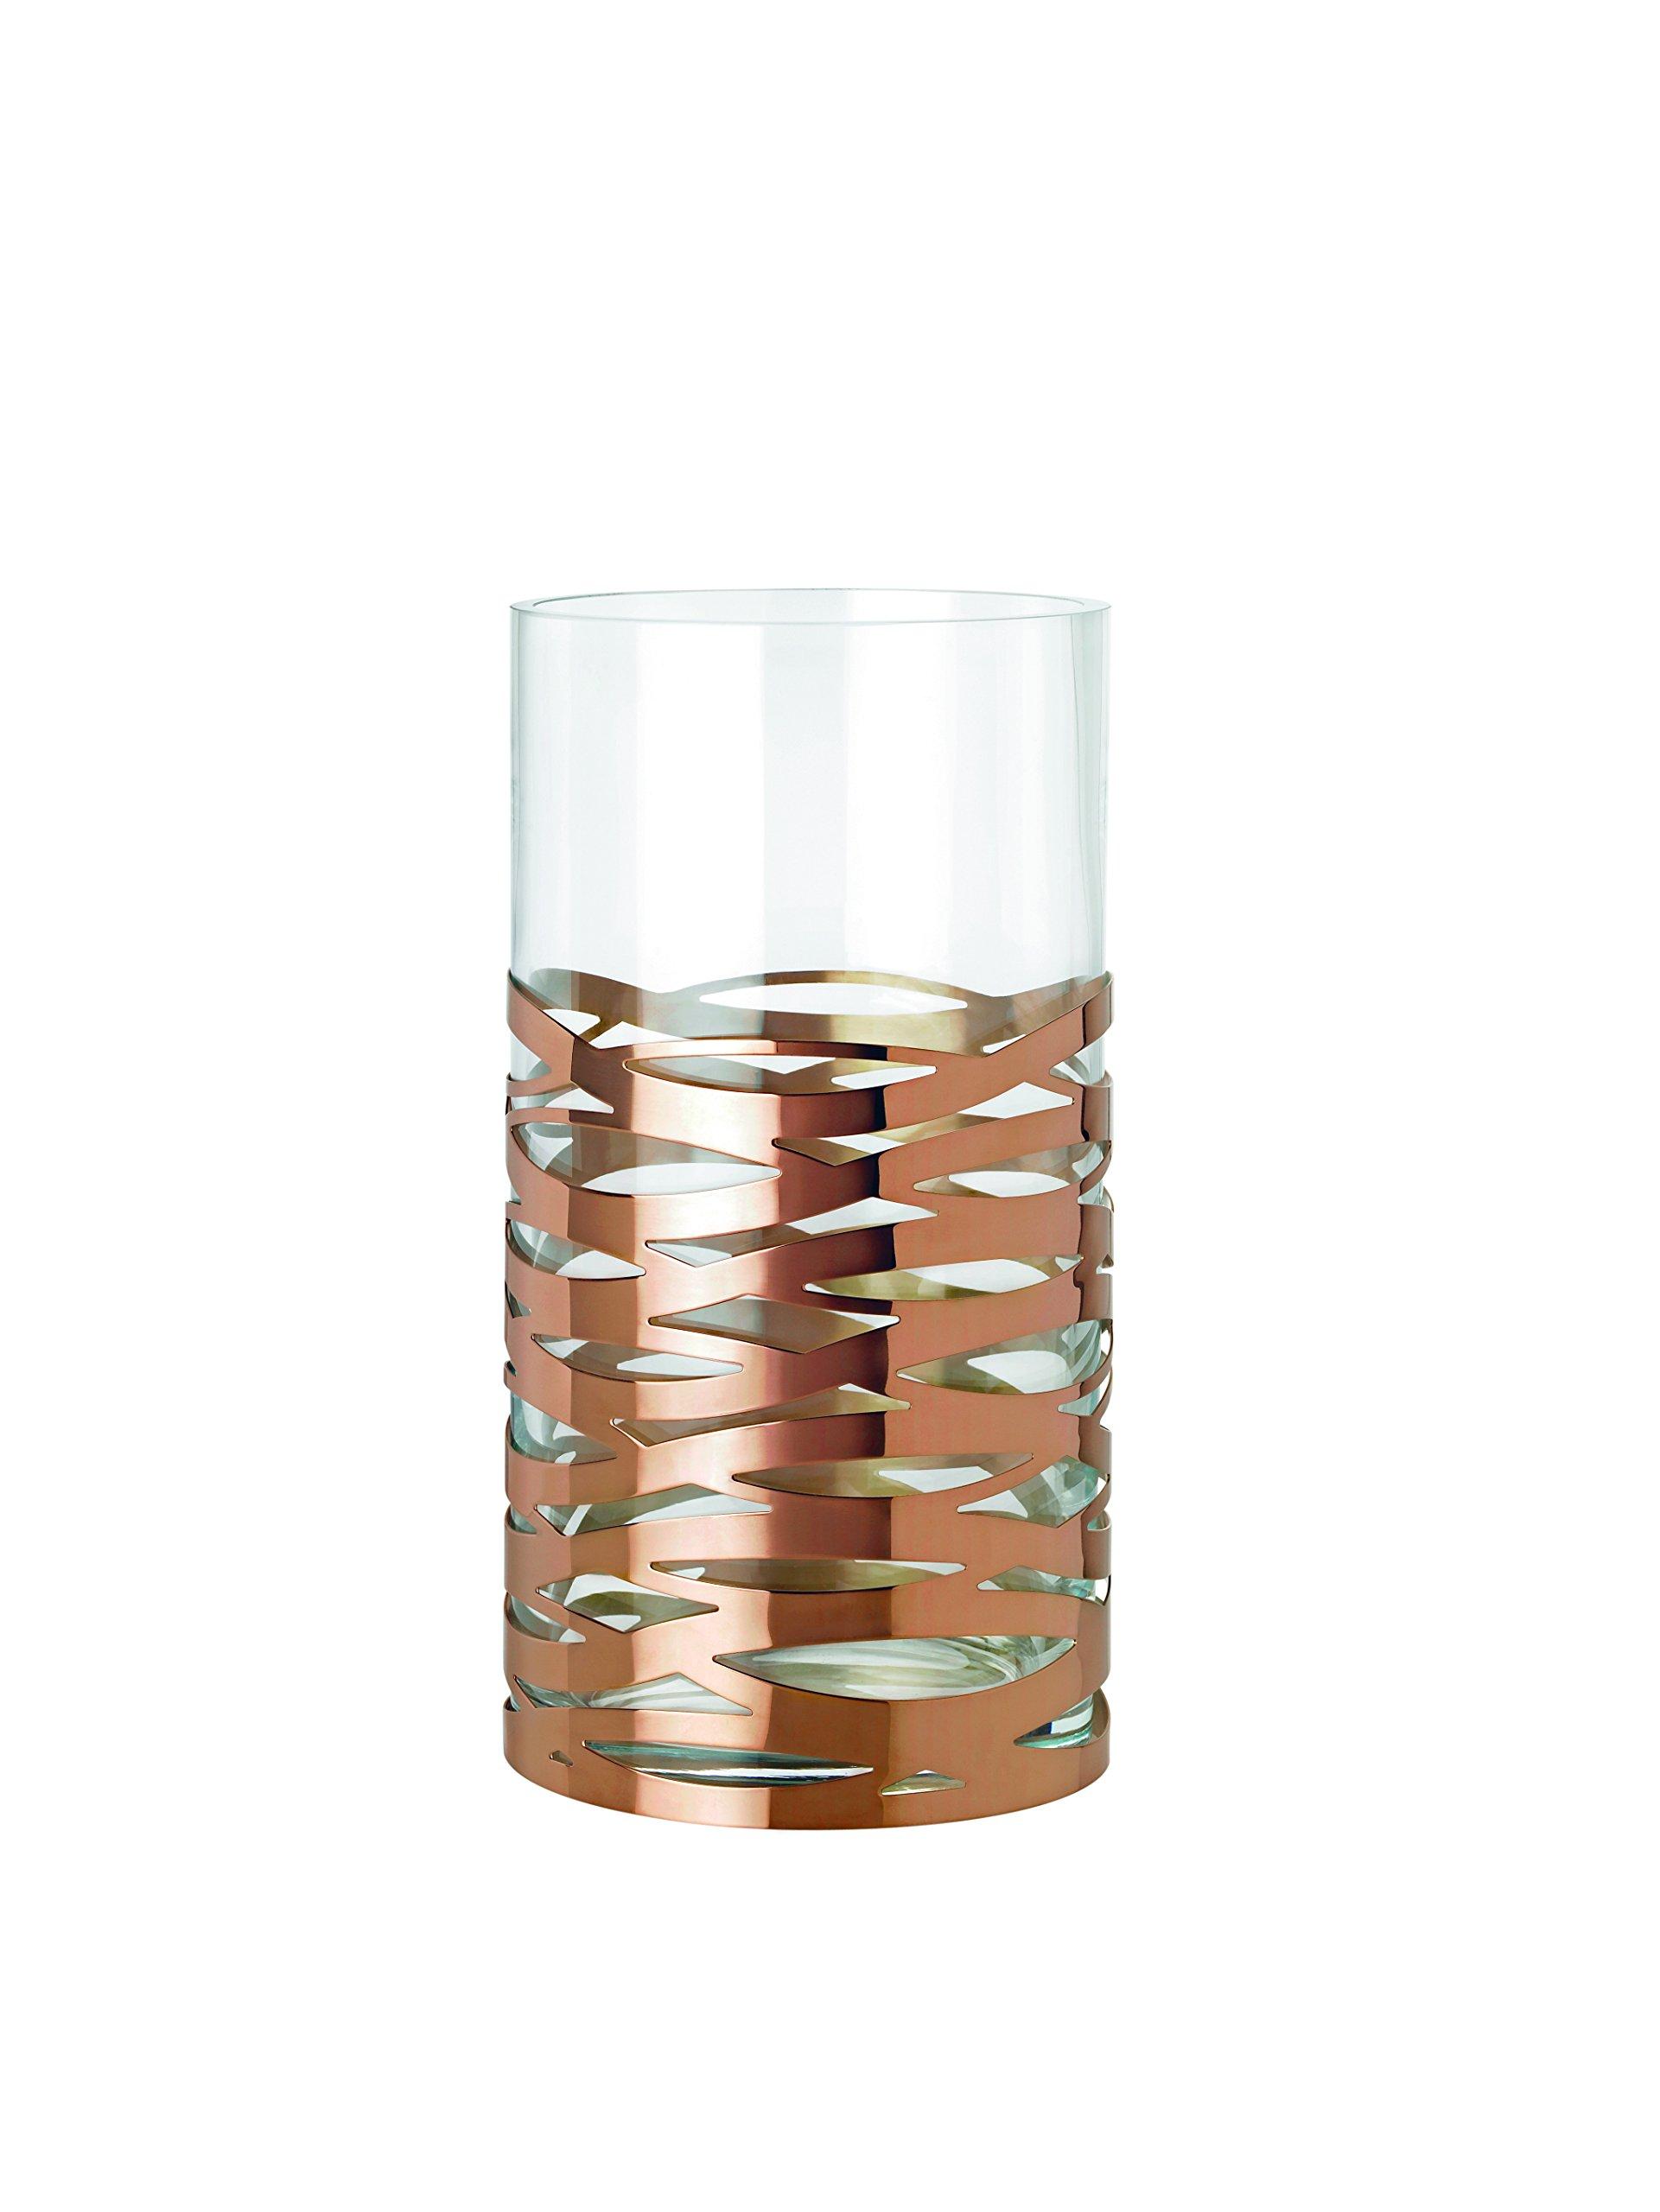 Stelton Tangle Vase Magnum, Table Vase, Floor Vase, Glass, Stainless Steel, H 35.5 cm, X-56-2